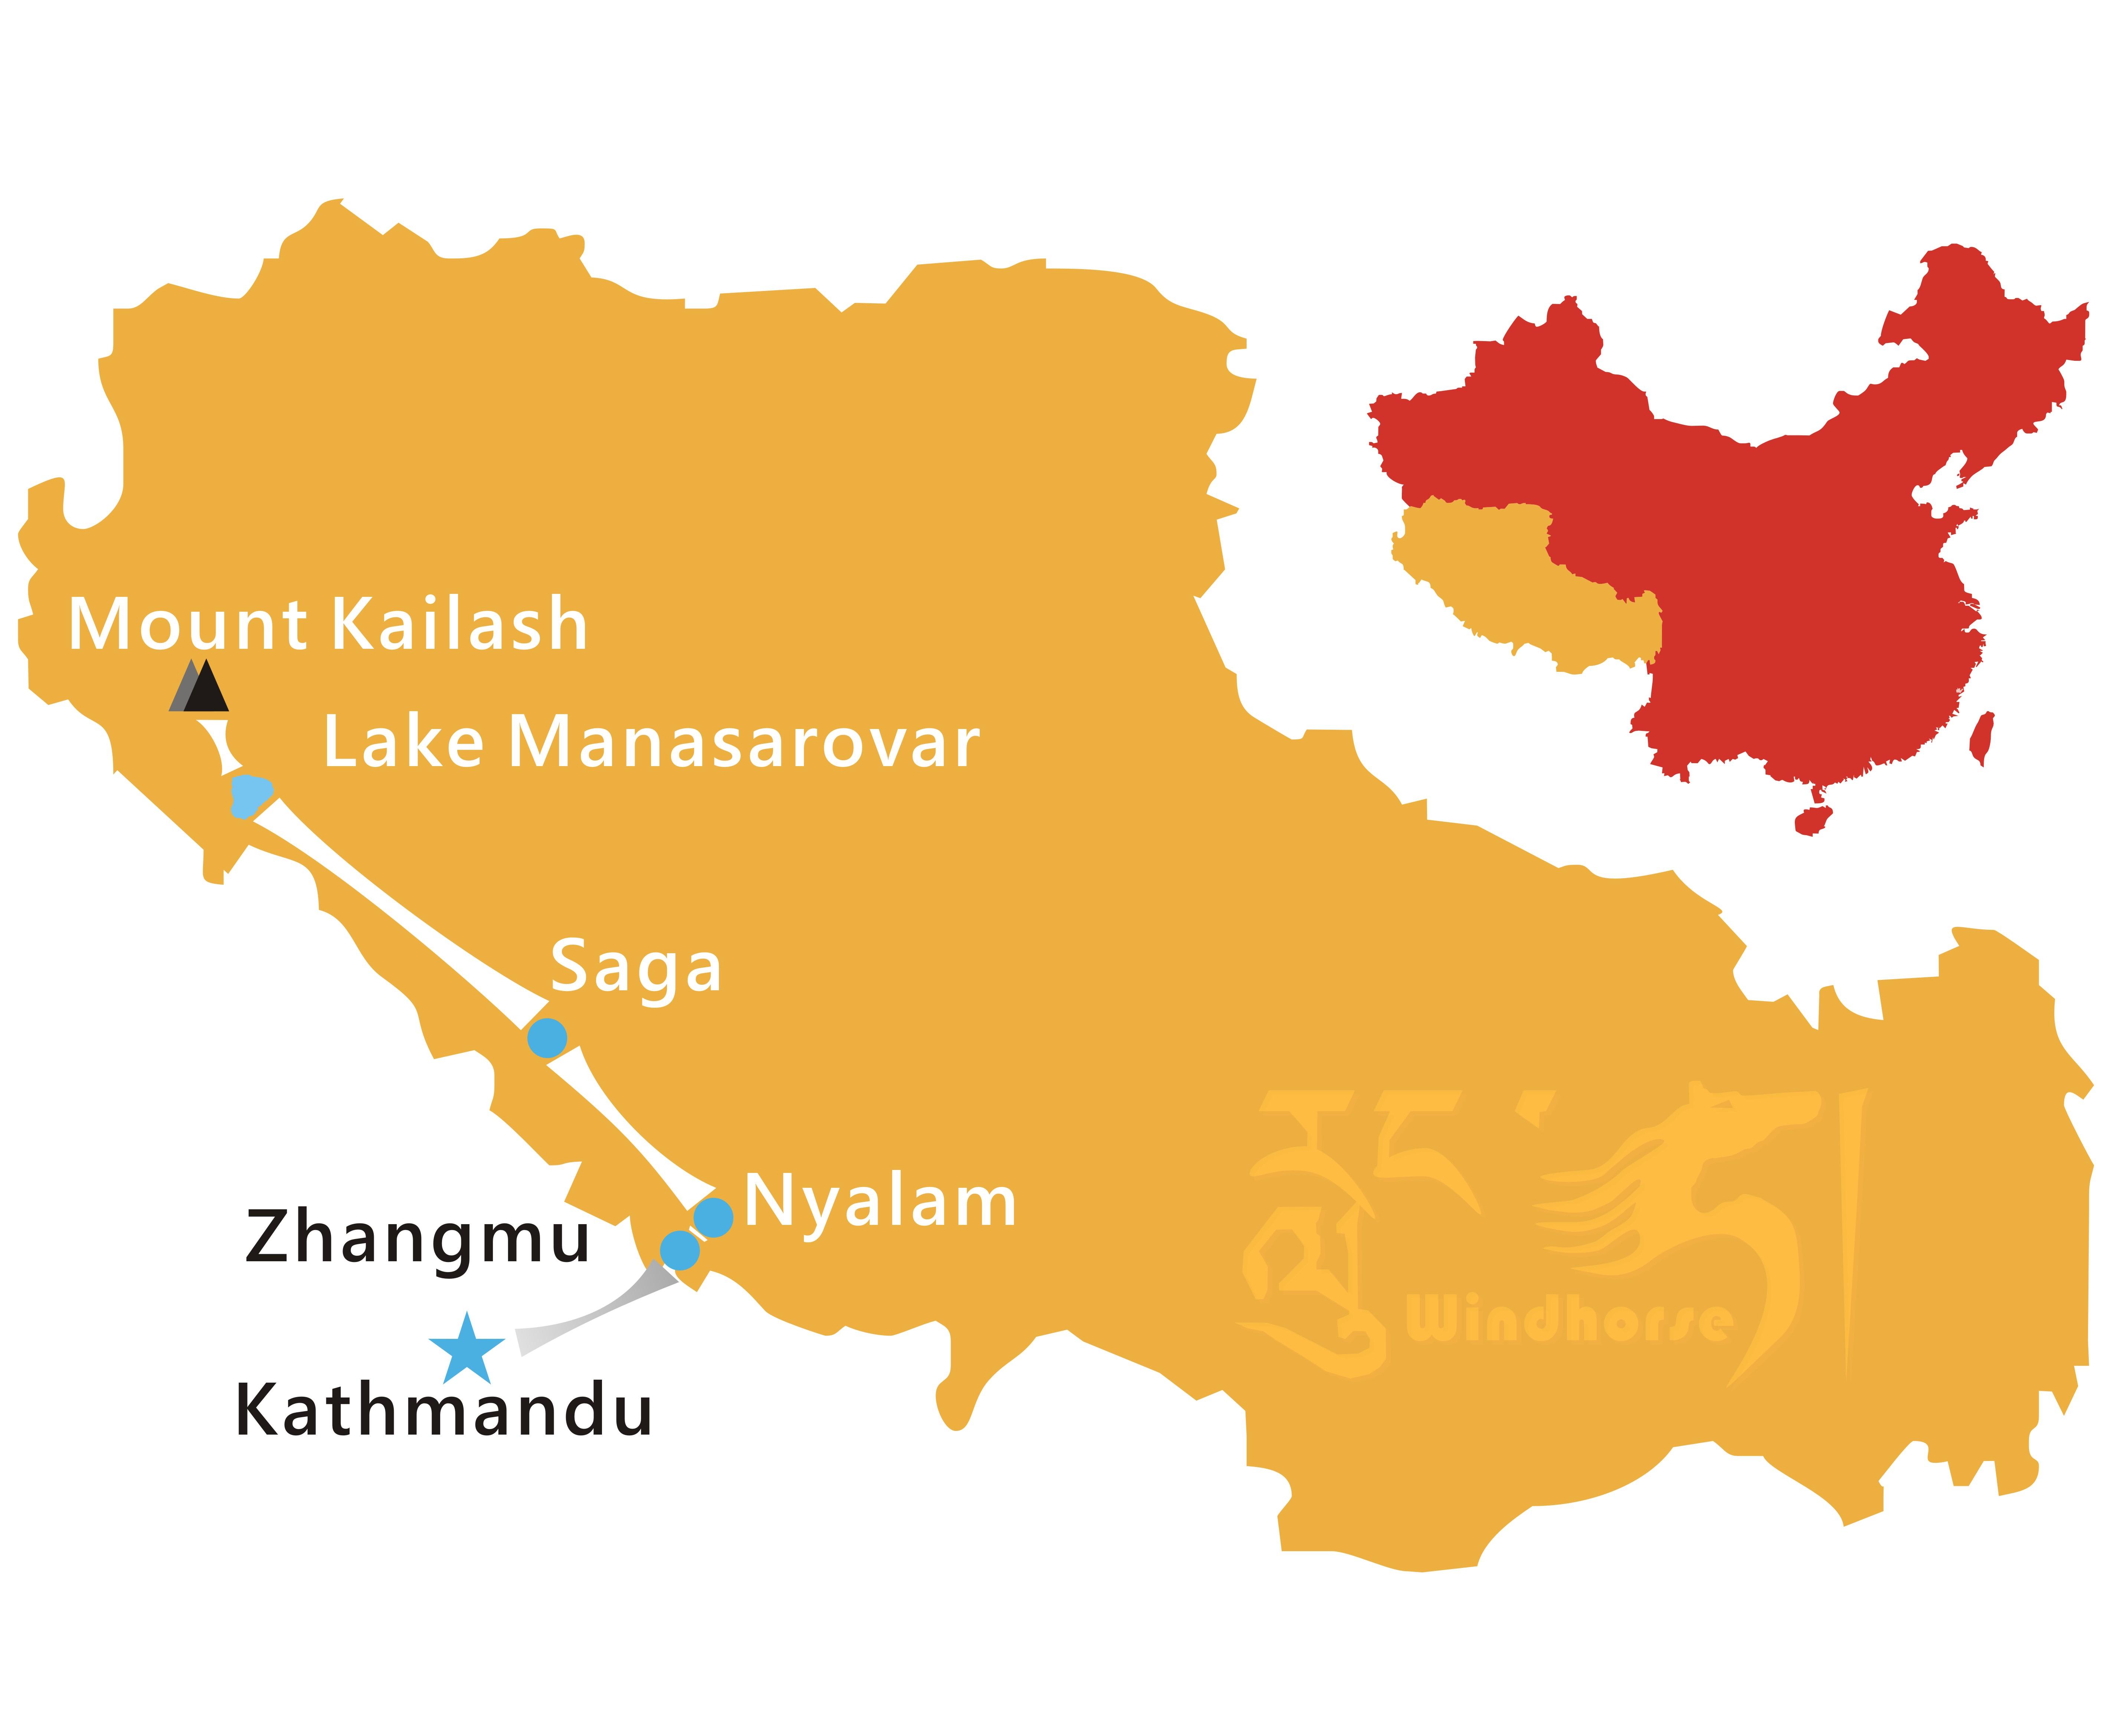 Kailash Kathmandu Overland Tour Route